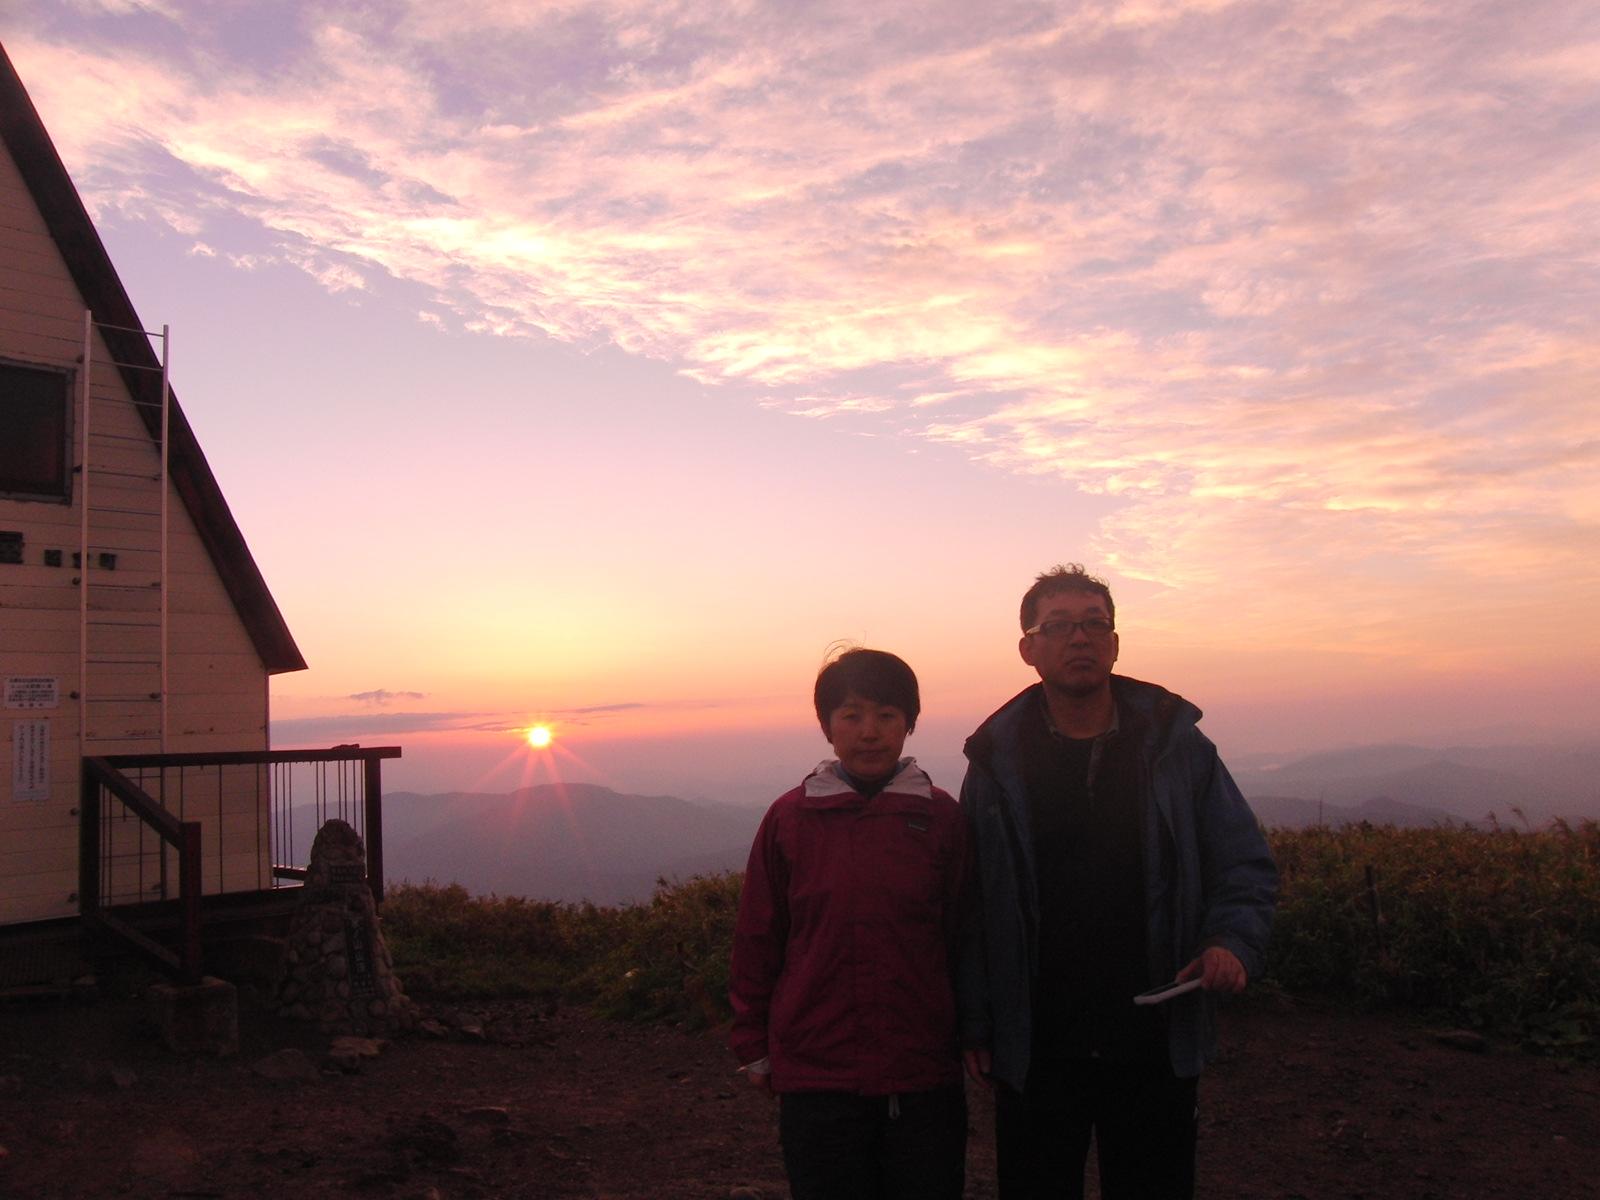 氷ノ山より朝日をプレゼント!_f0101226_1046949.jpg